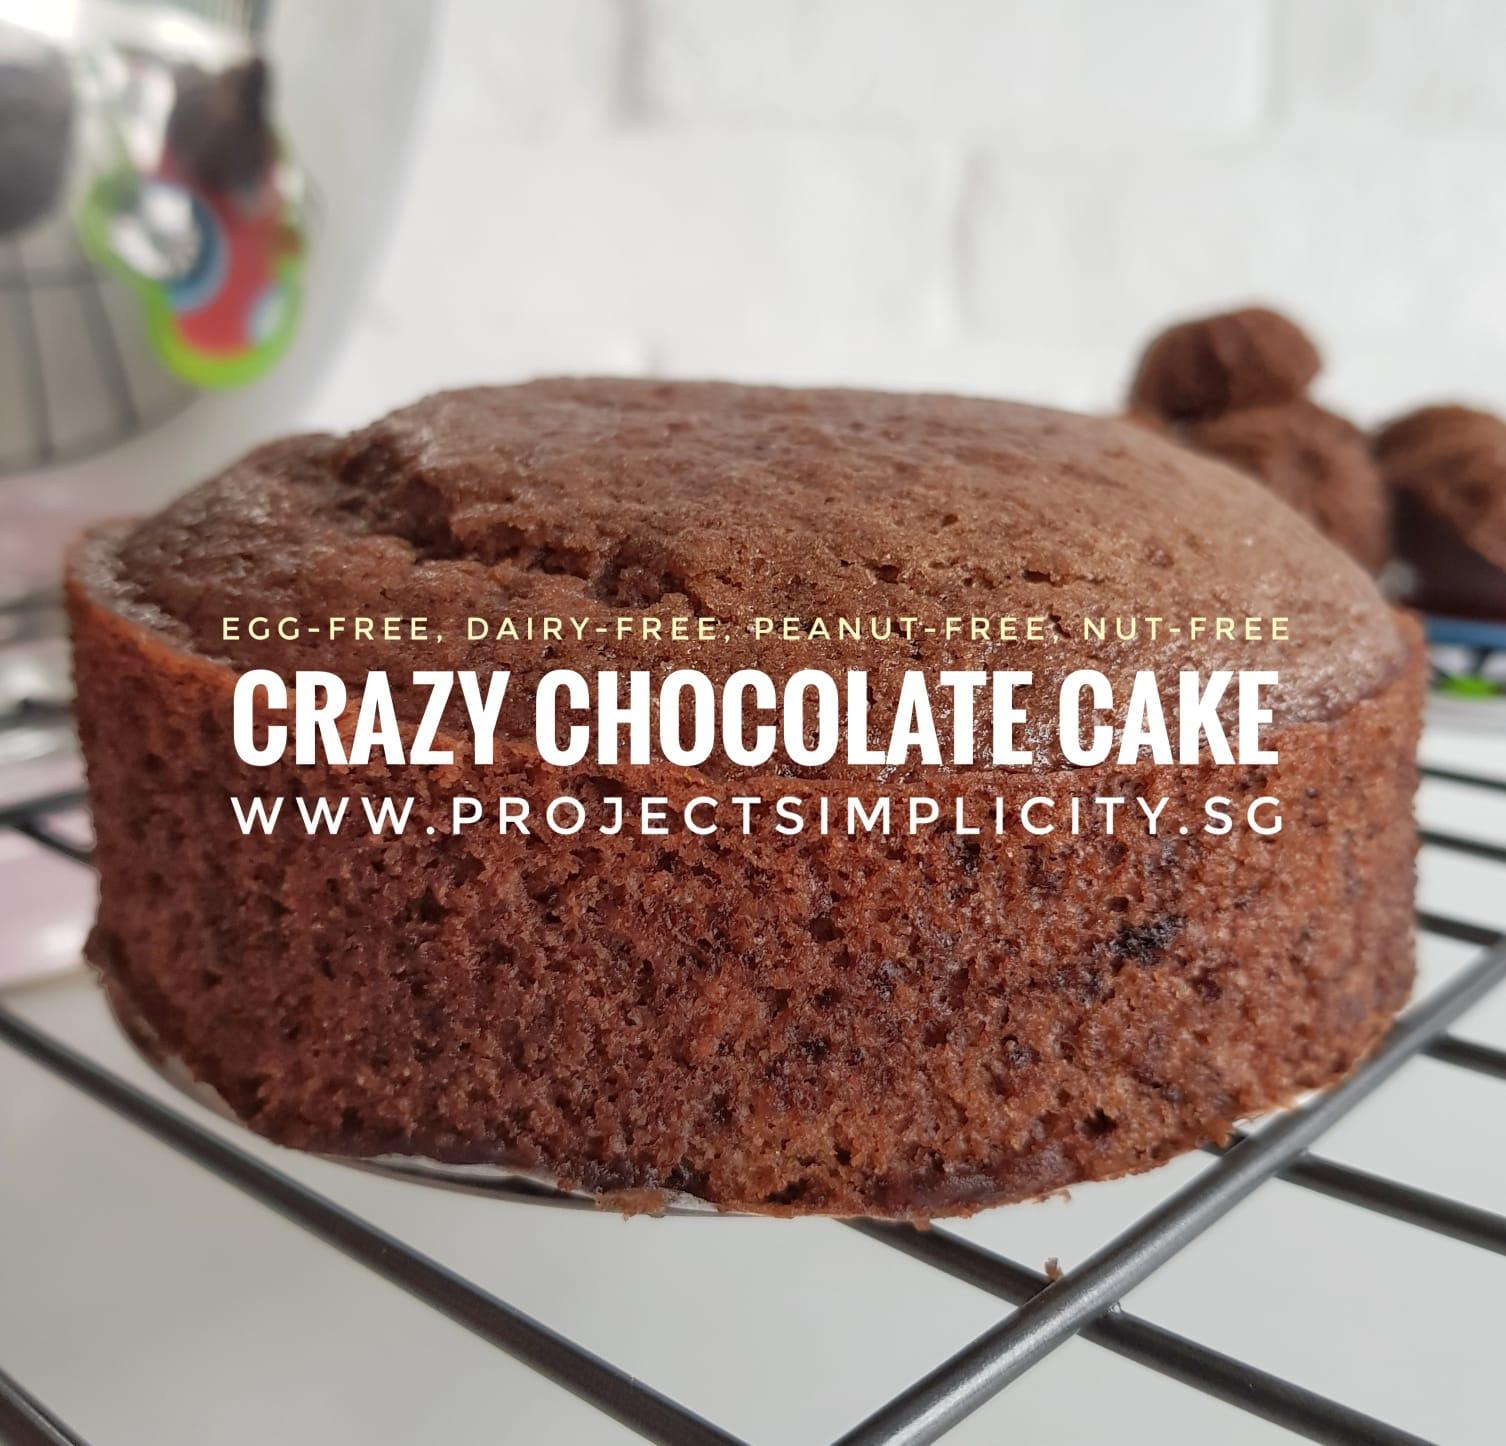 Egg Dairy And Nut Free Crazy Chocolate Cake Recipe